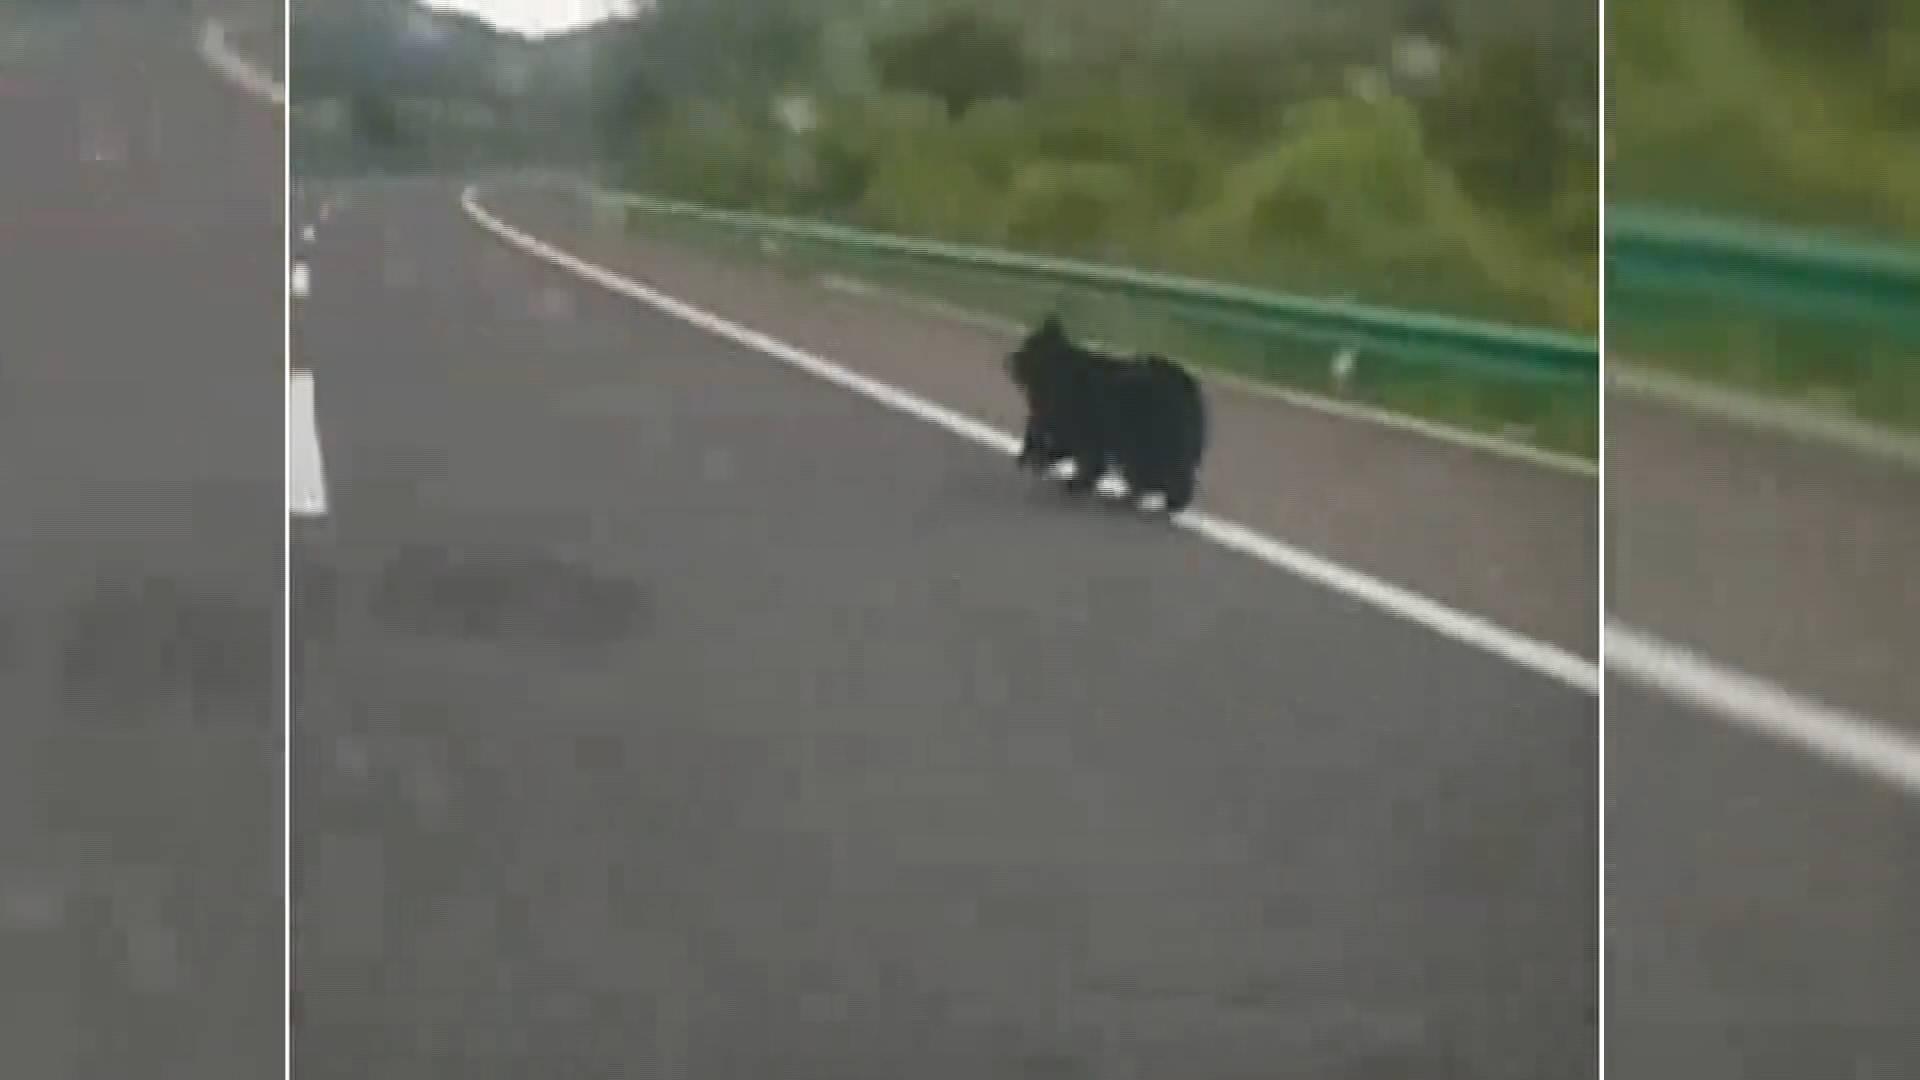 熊出没!吉林延边一高速公路现黑熊 警方全力搜寻中